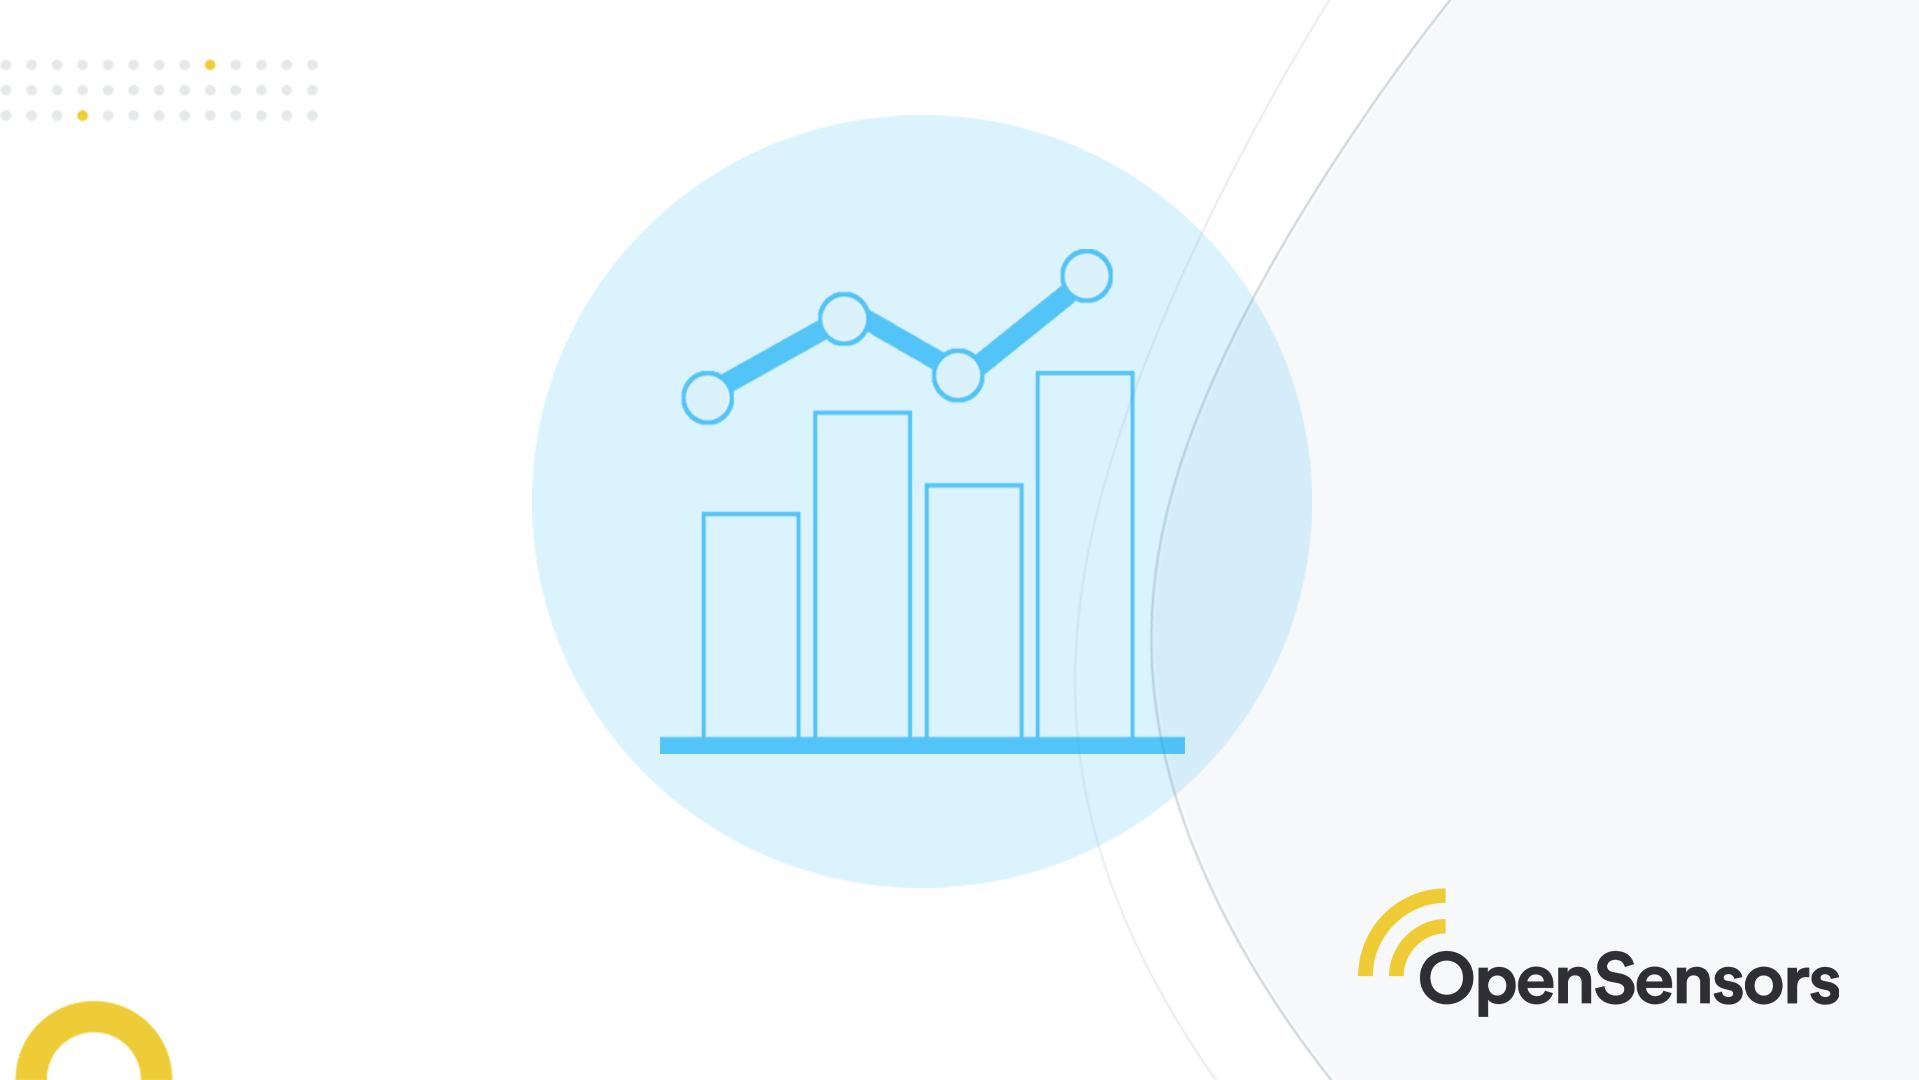 OpenSensors - workplace data